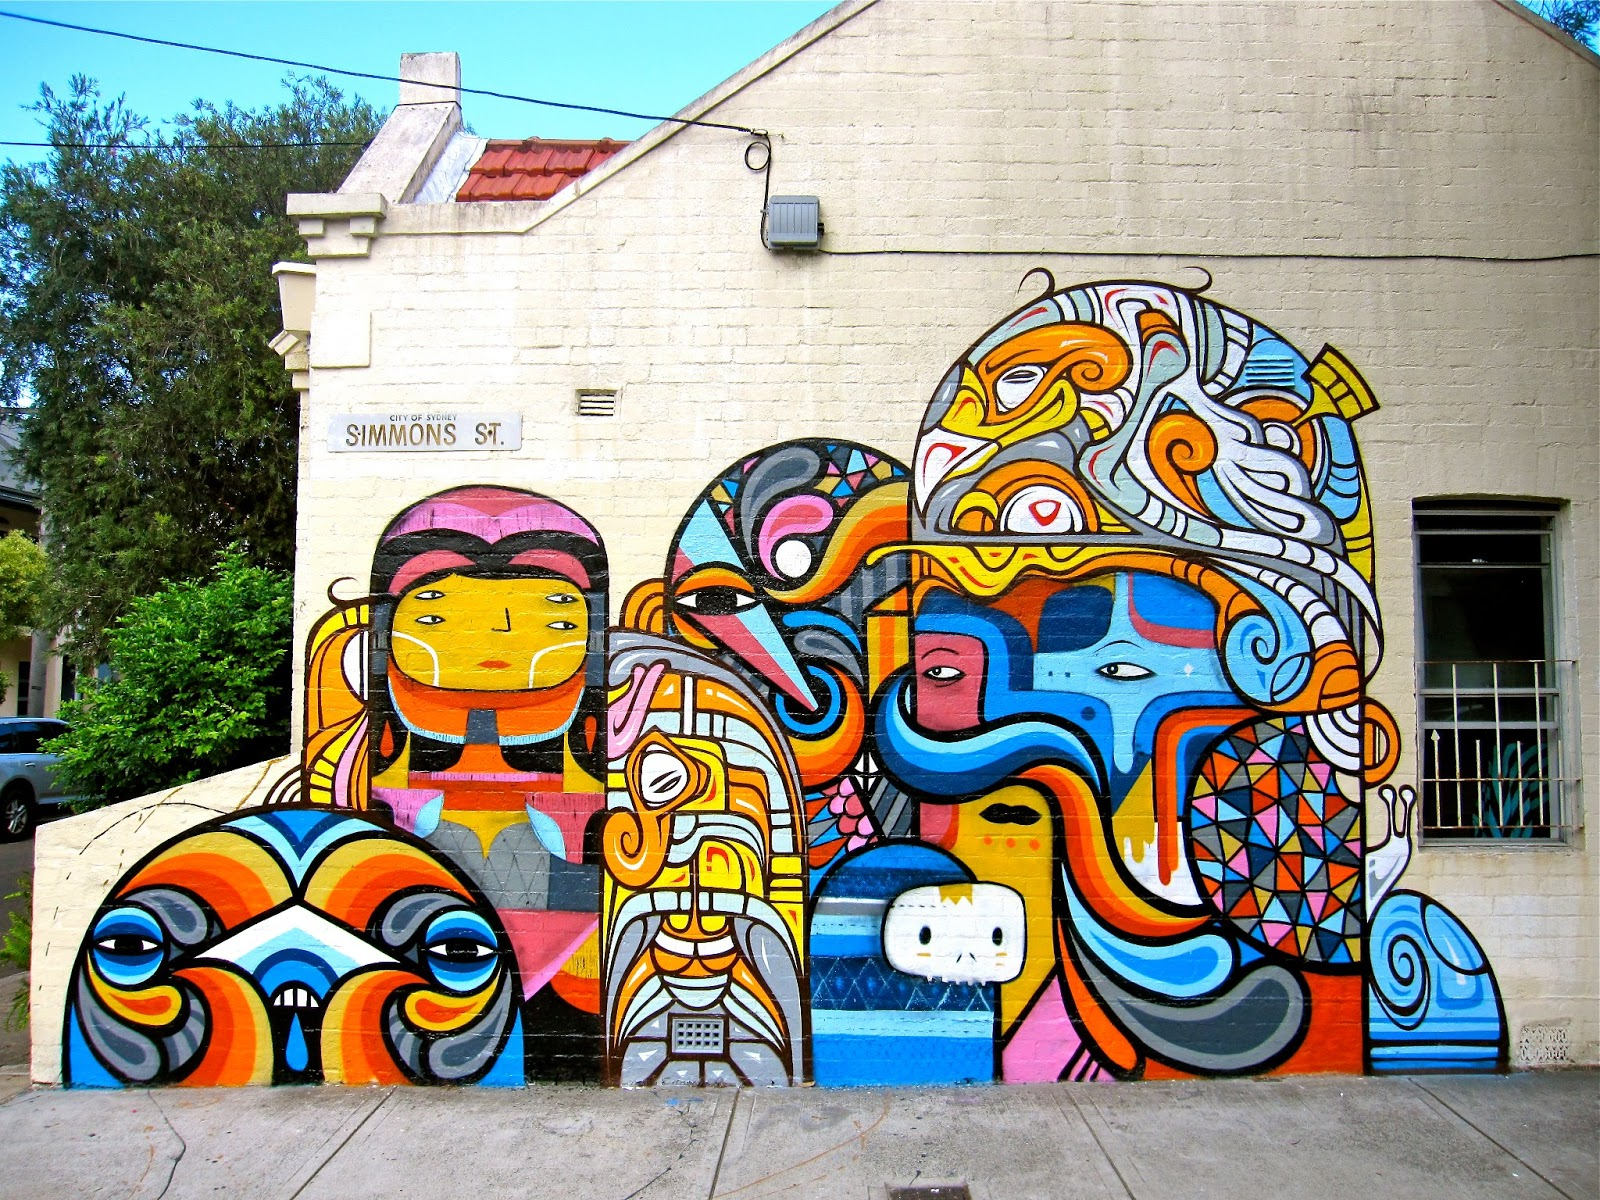 Beastman x phibs x creepy new mural in sydney australia for Australian mural